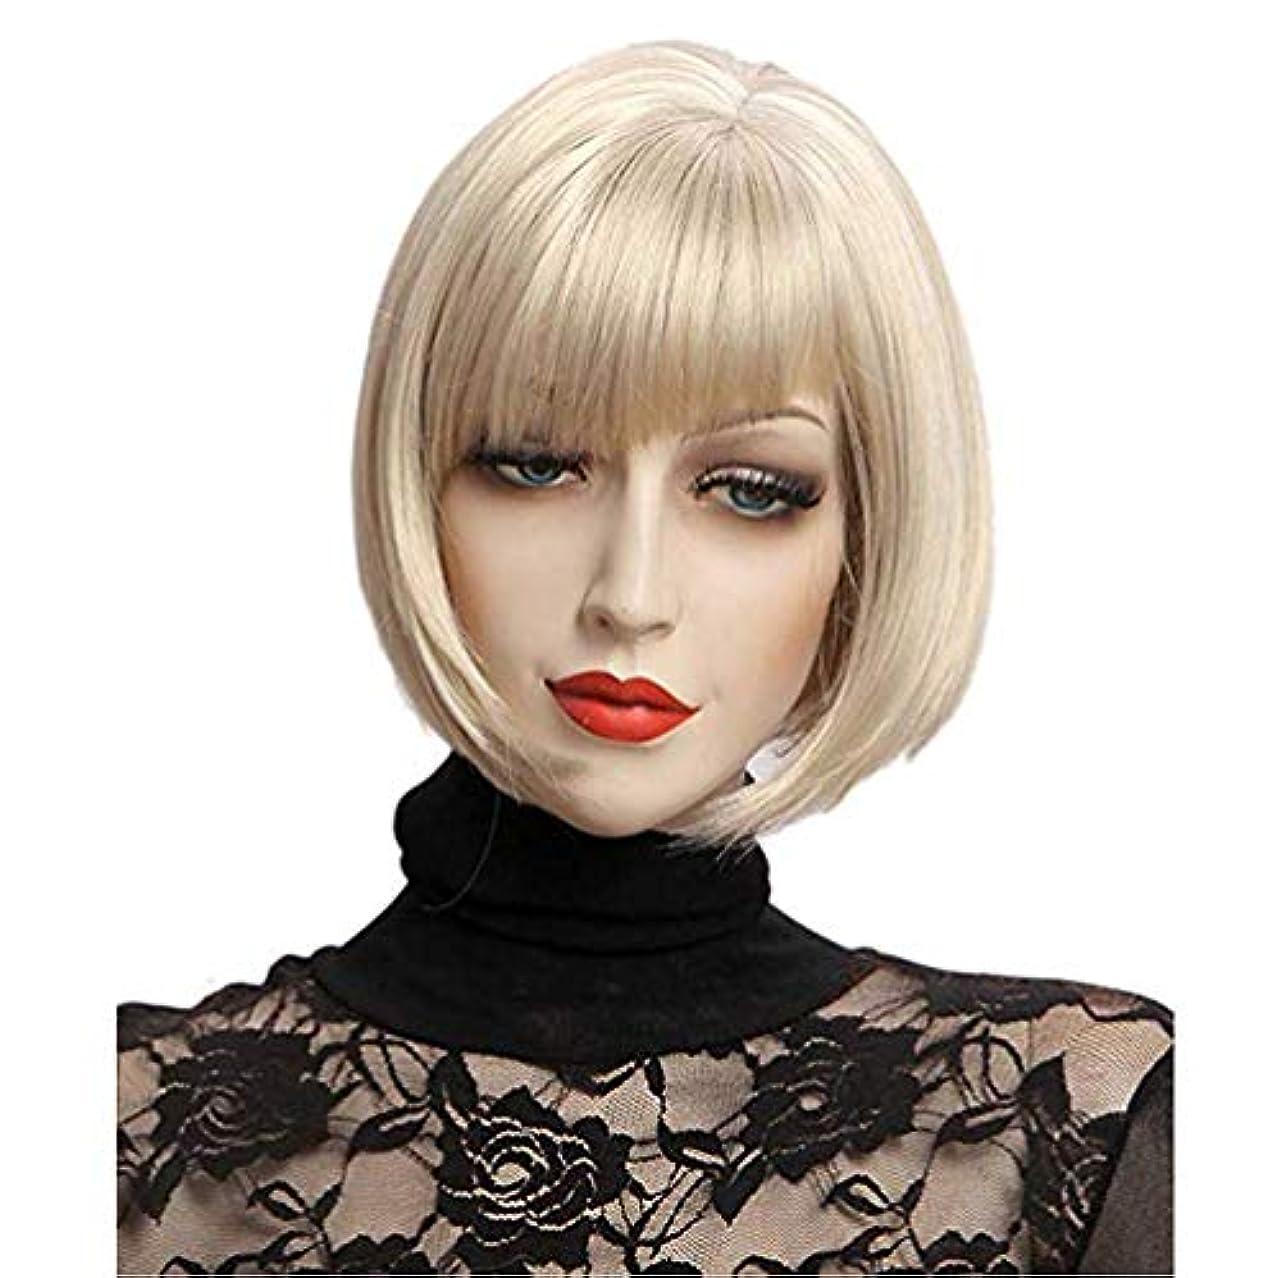 雑草びっくりシェルター女性合成ボブショートウィッグカラー耐熱コスプレパーティーヘアウィッグ30cm